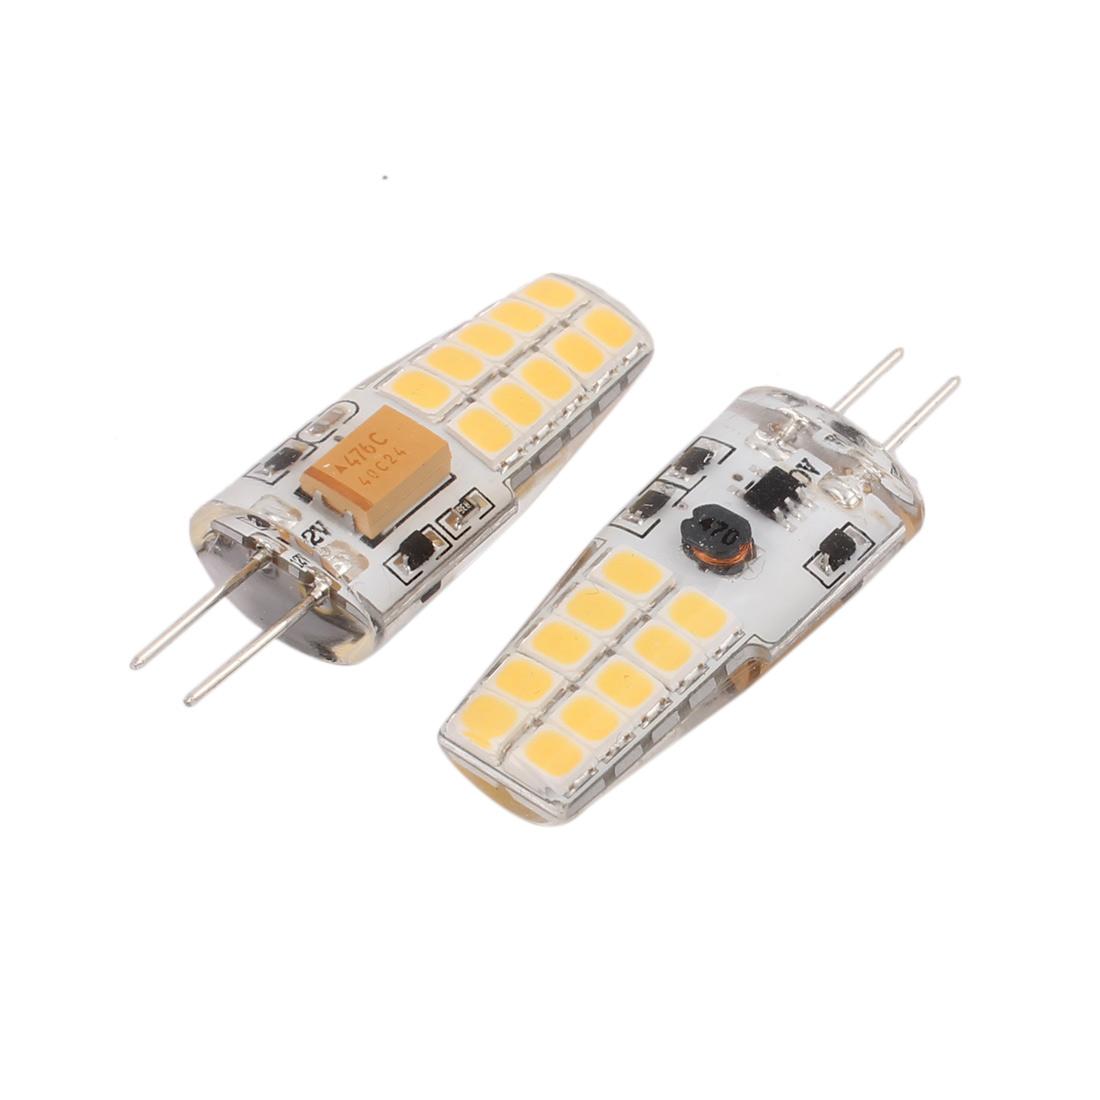 2 Pcs AC/DC12V 4W SMD LED Light Bulb Silicone Lamp 20-LED G4 2835 Warm White